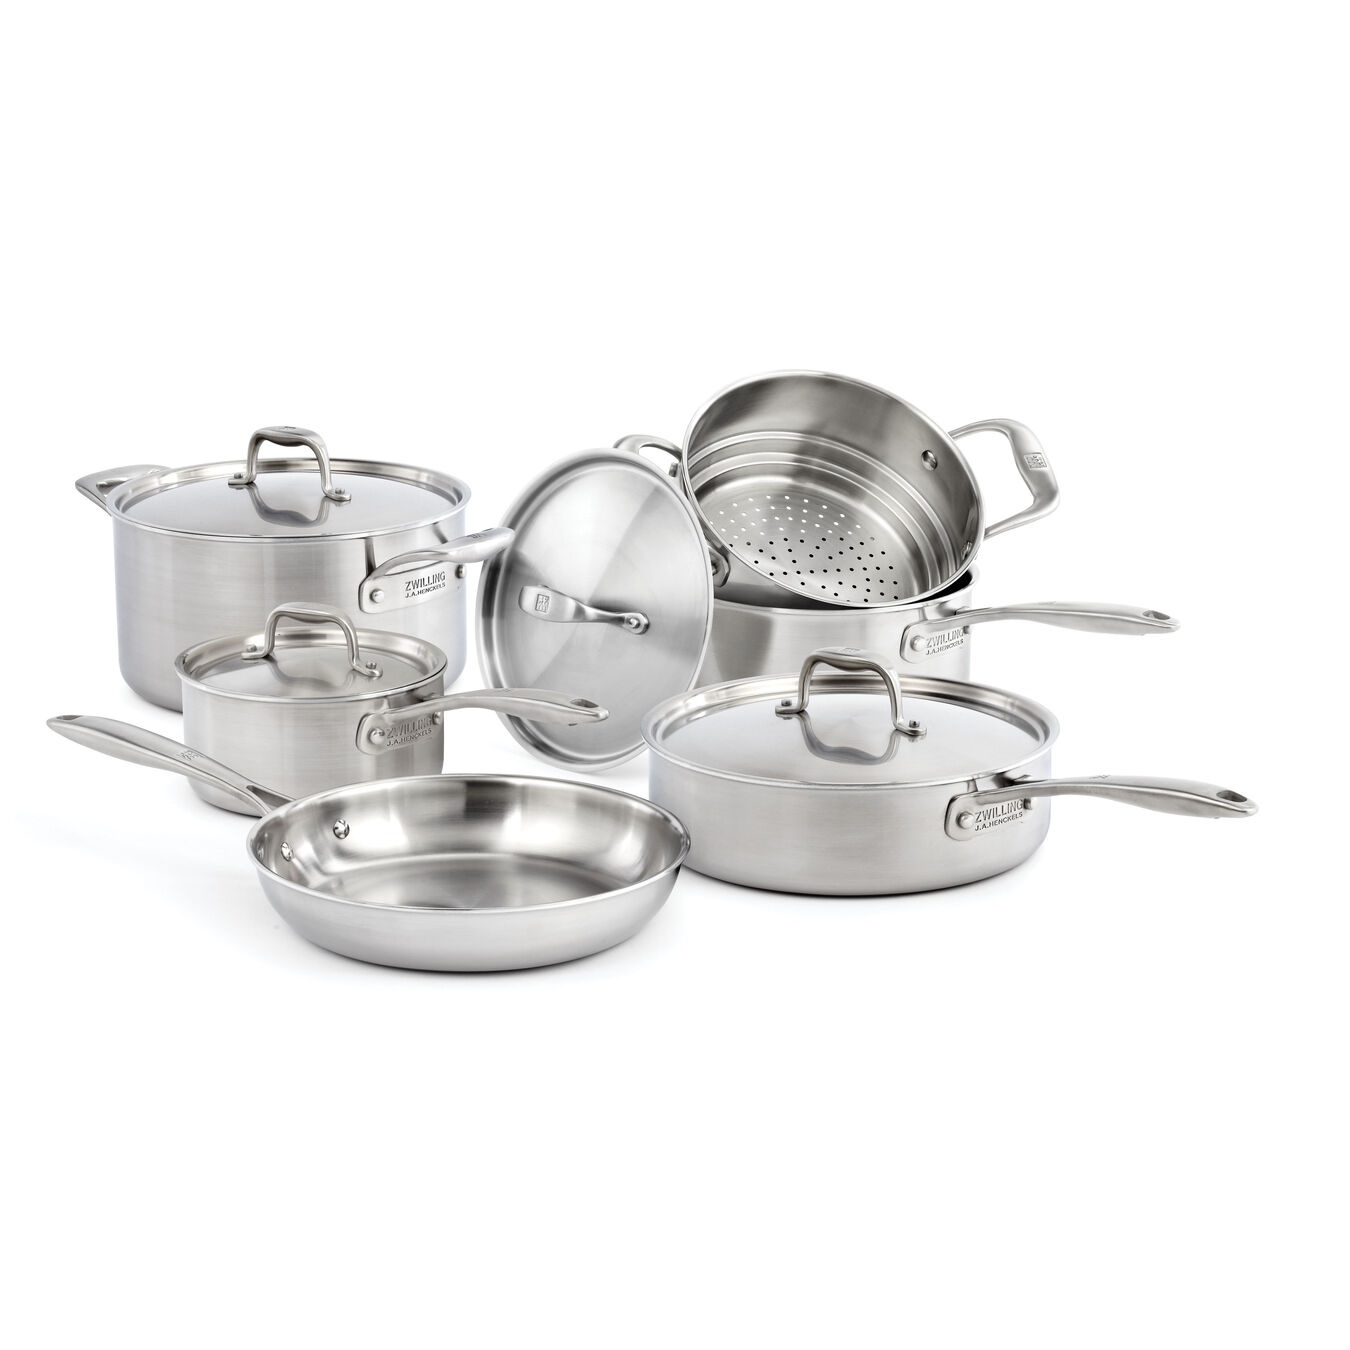 10-pcs 18/10 Stainless Steel Ensemble de casseroles et poêles,,large 1